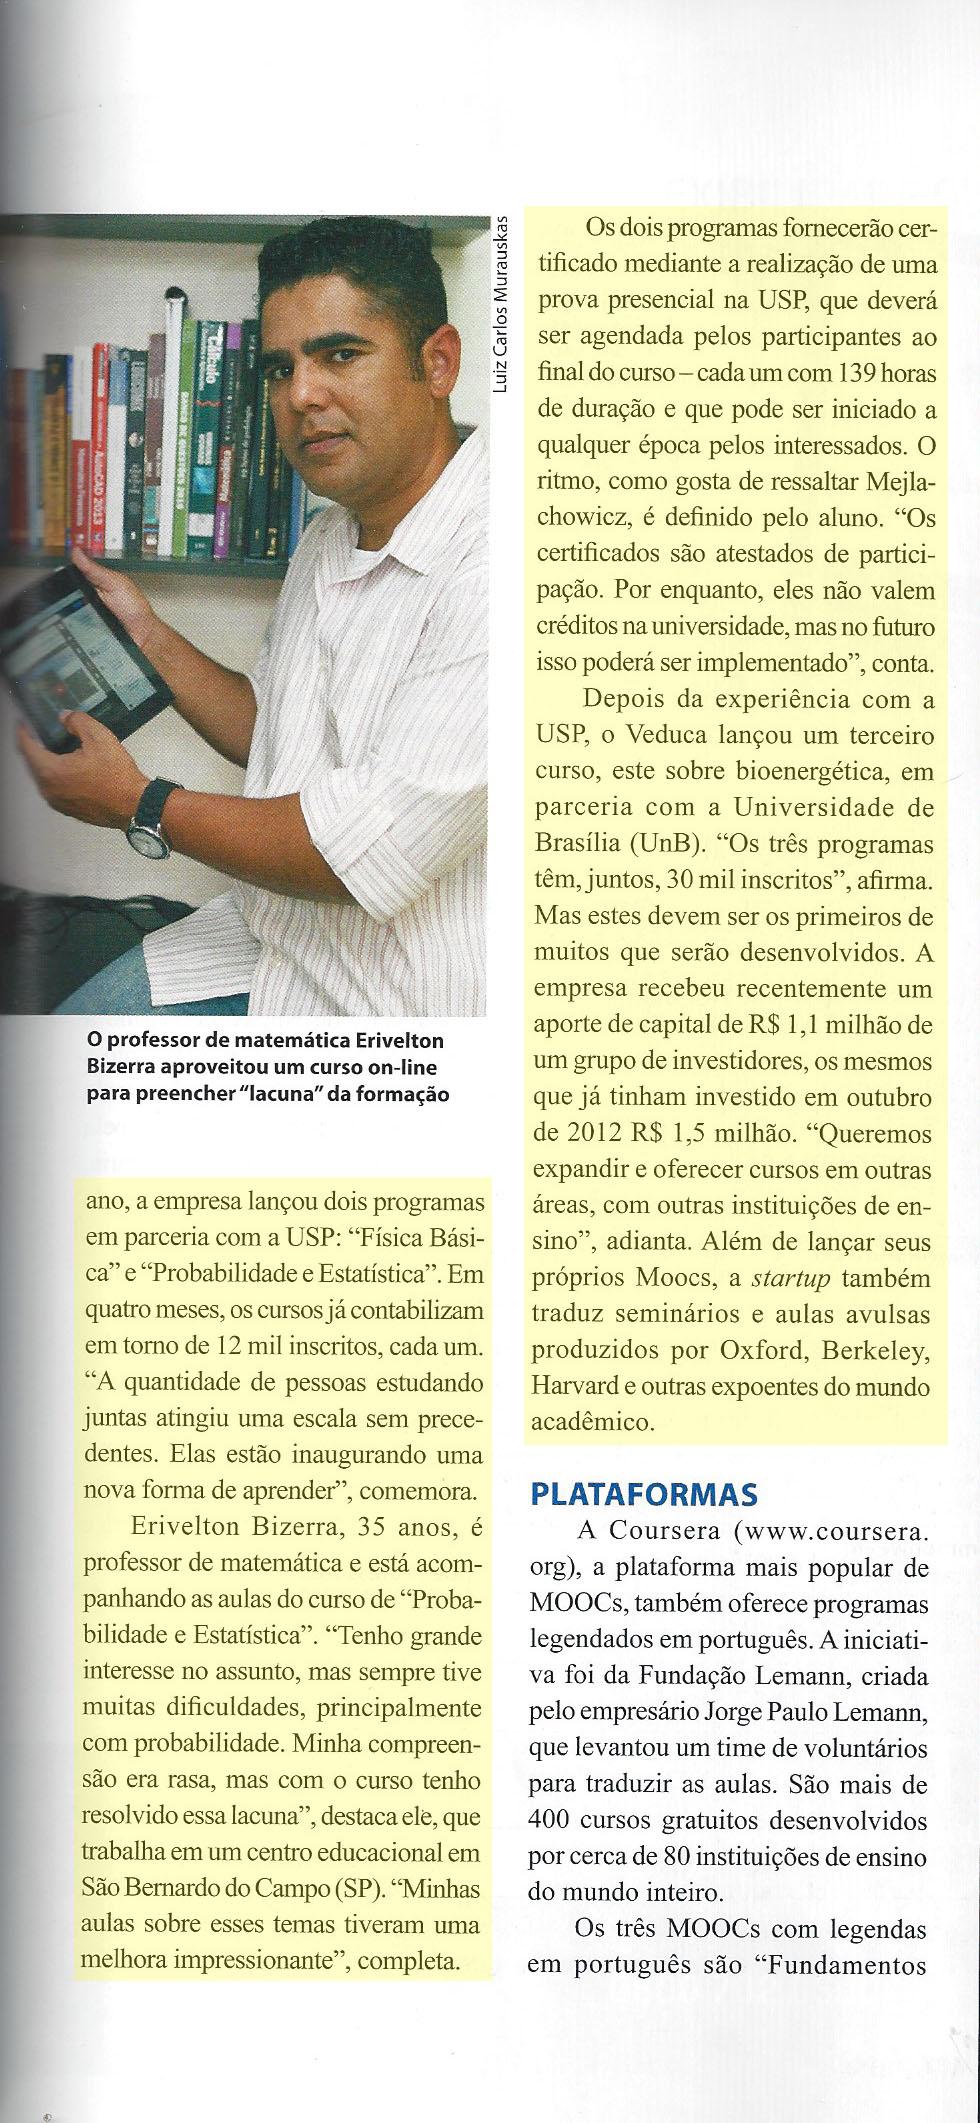 Guia de Pós & MBA_page 71.jpg